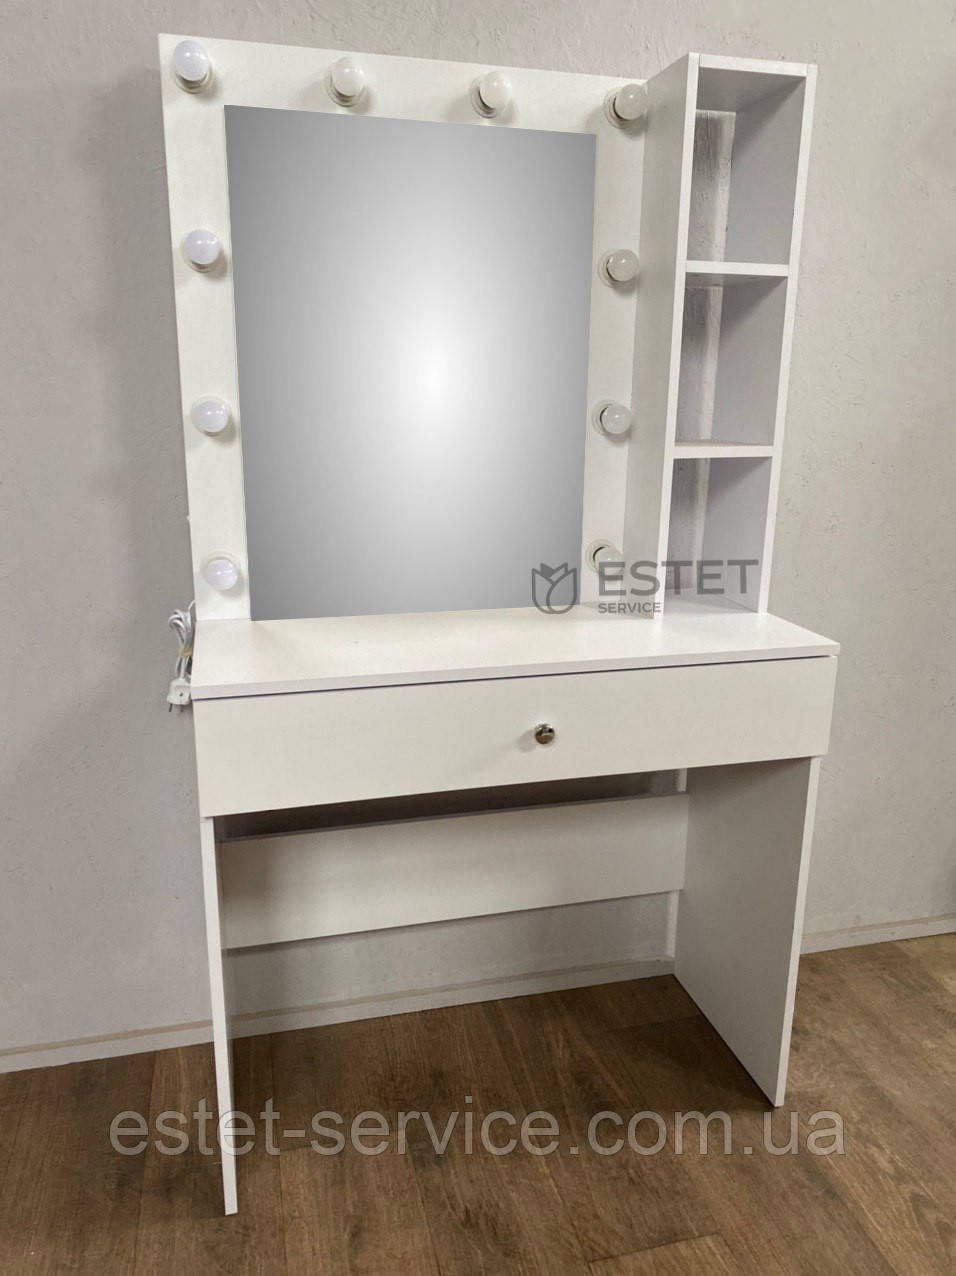 Гримерный столик с полочками возле зеркала ES129